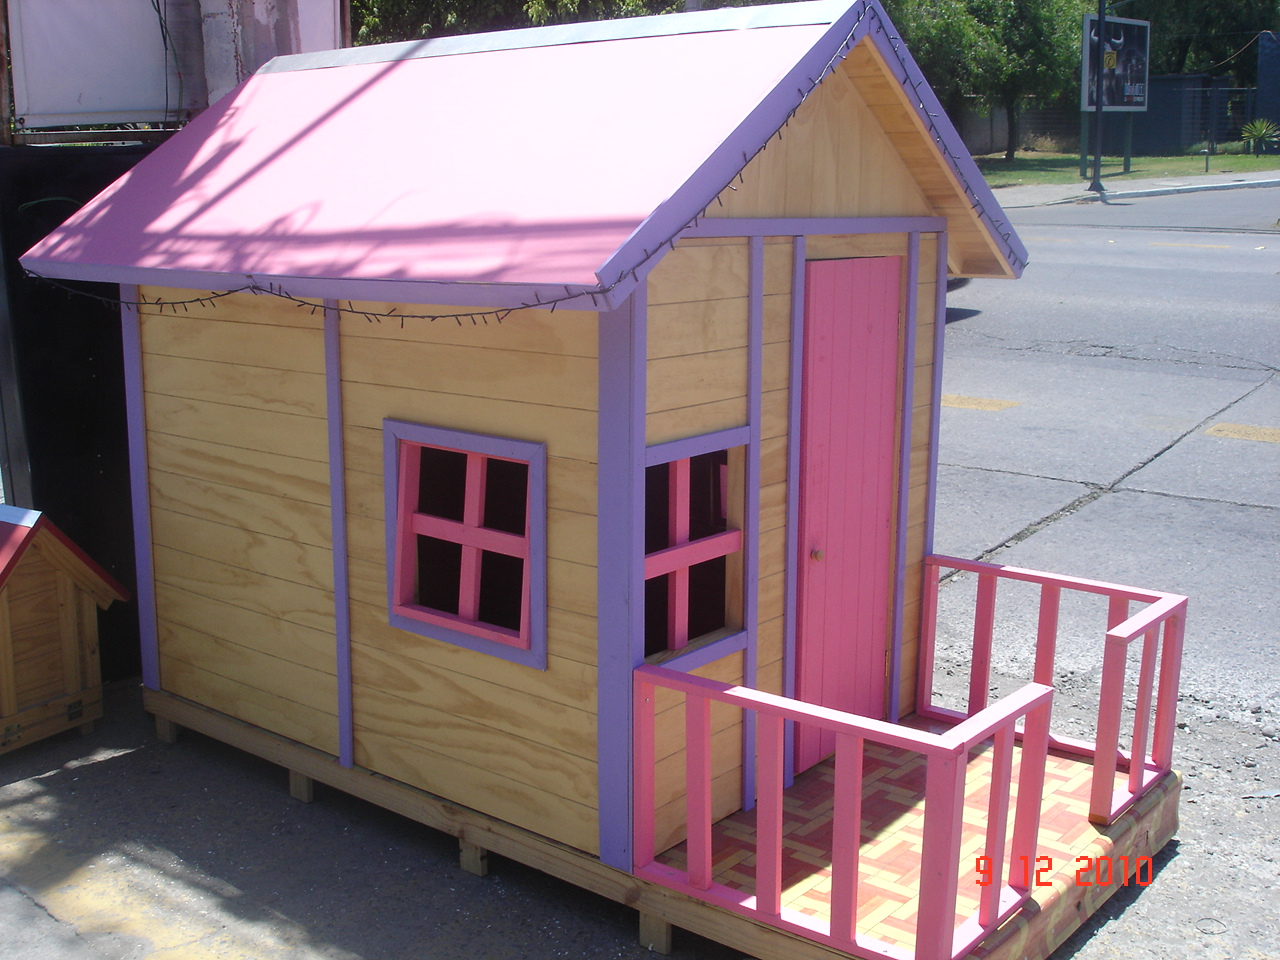 Casas para Perros y Muñecas - Home